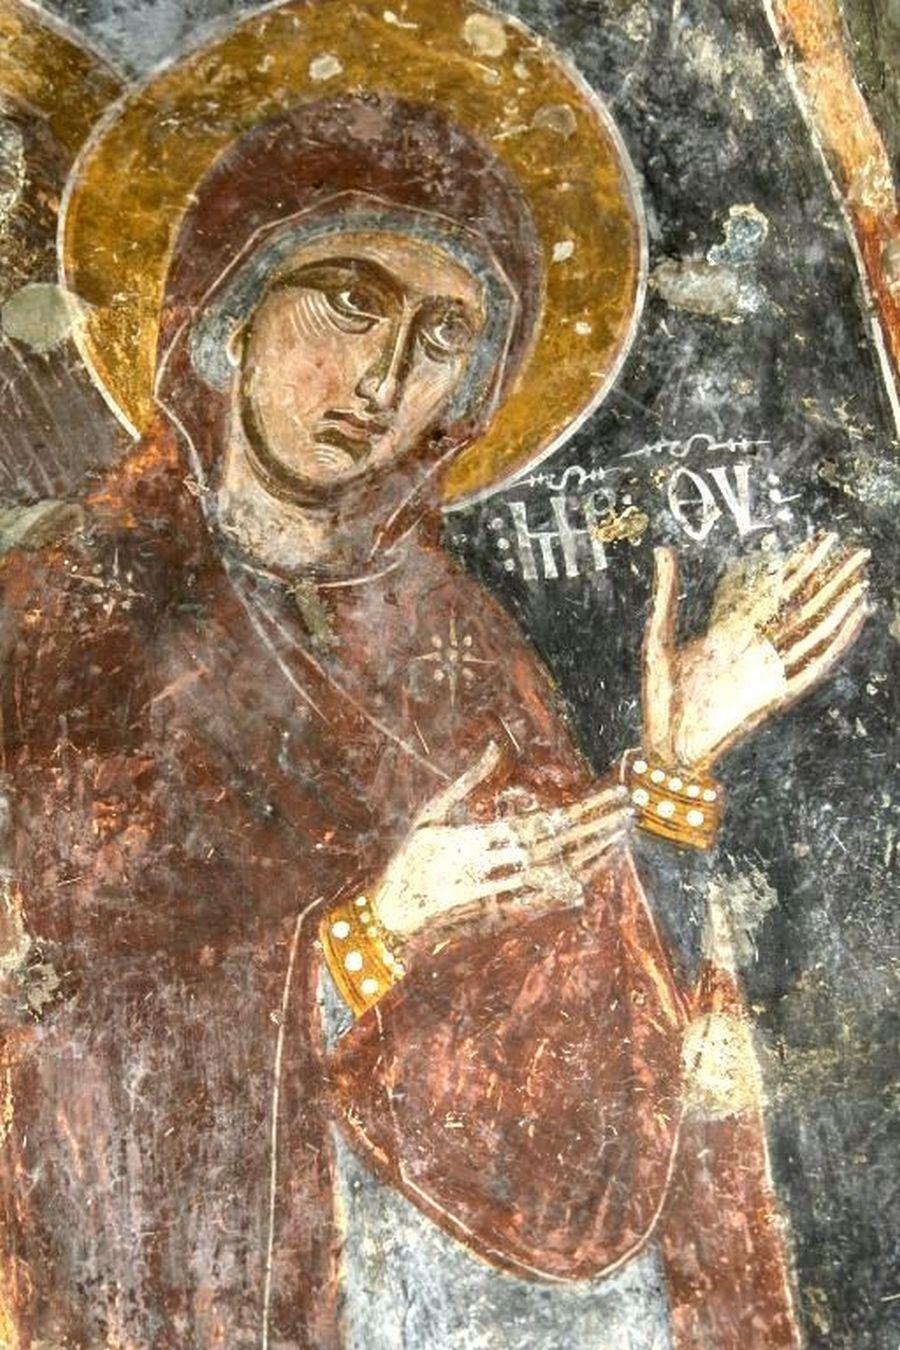 Пресвятая Богородица. Фреска Нузальской церкви (Северная Осетия). Конец XIII - начало XIV века.